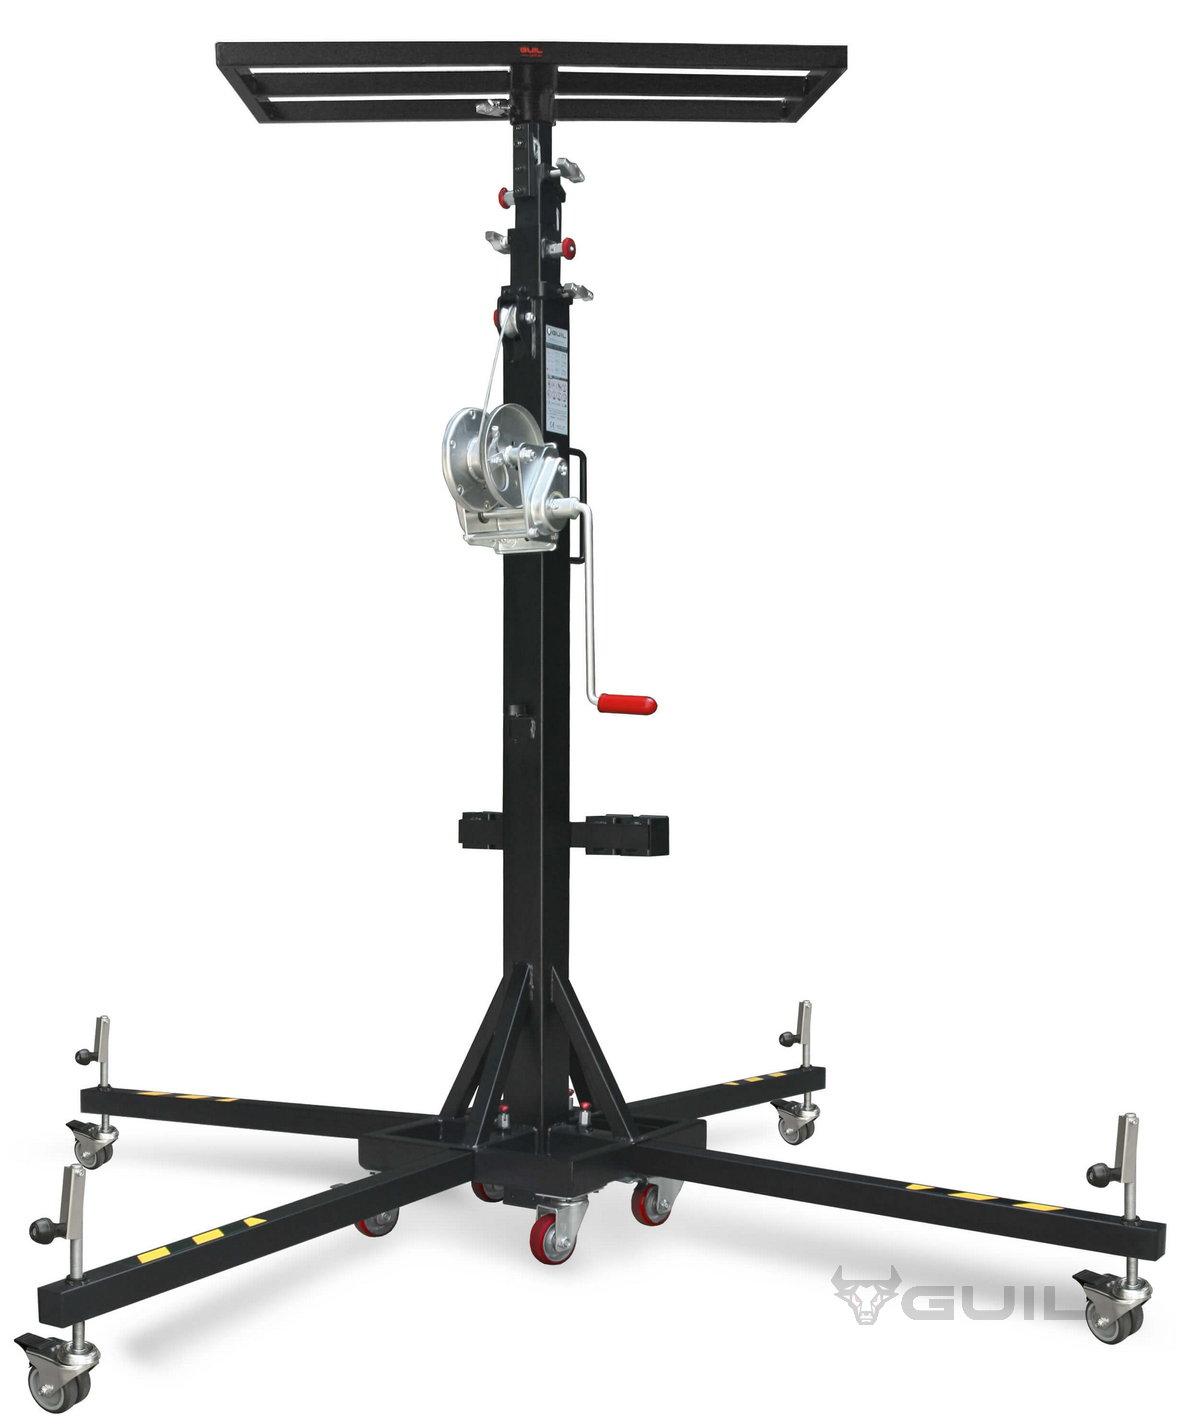 Materiaallift 1,8-5,4 m 180 kg verrijdbaar (dutch) (2)